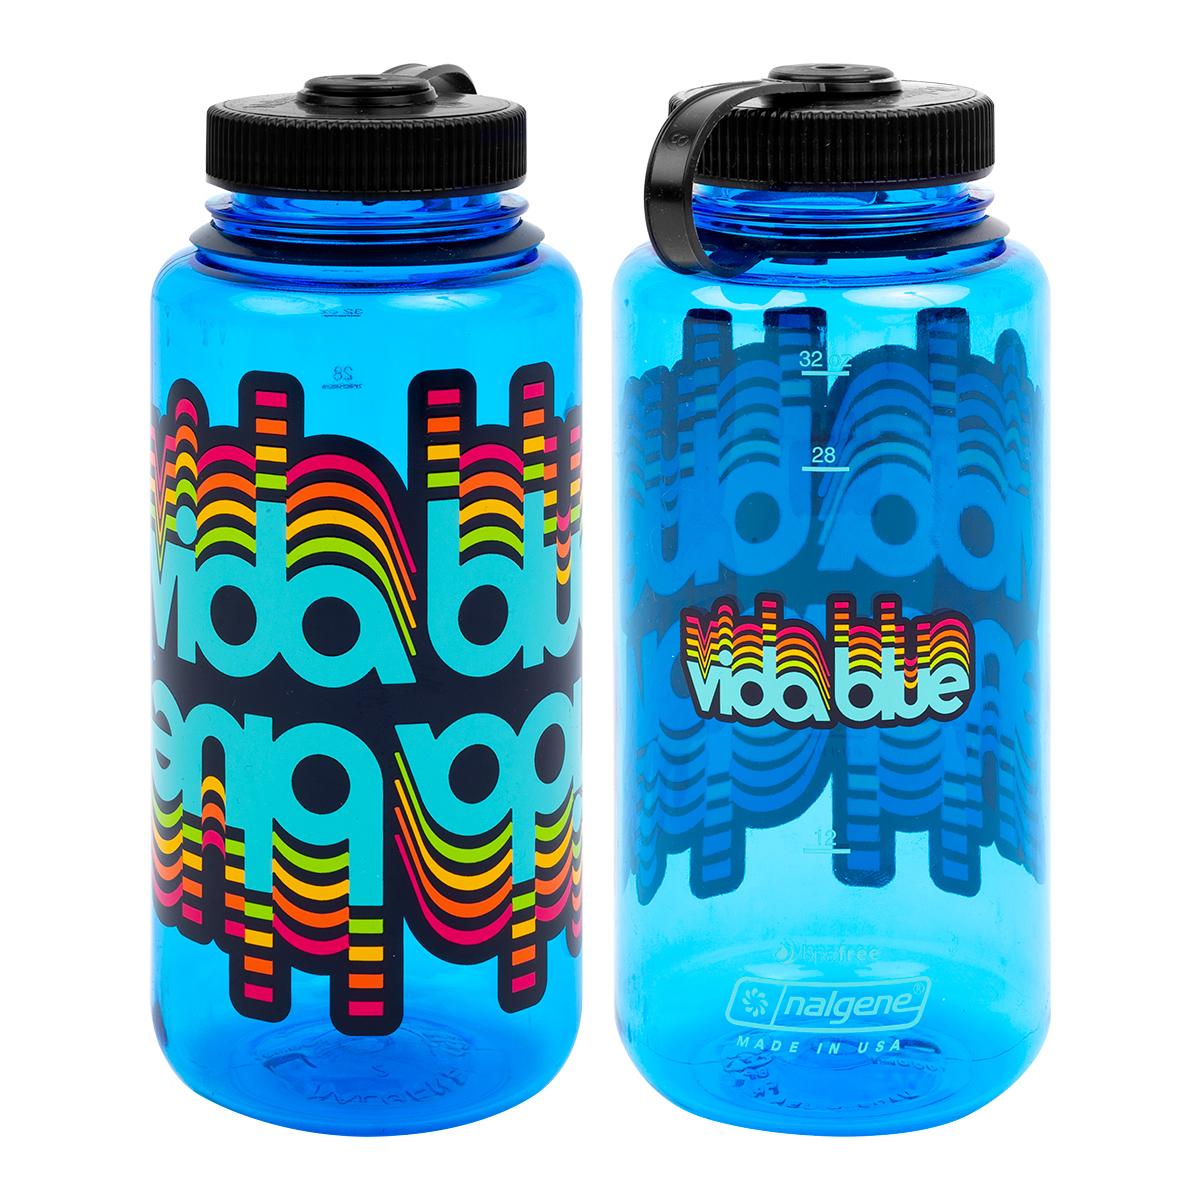 Vida Blue Glitch Nalgene Bottle